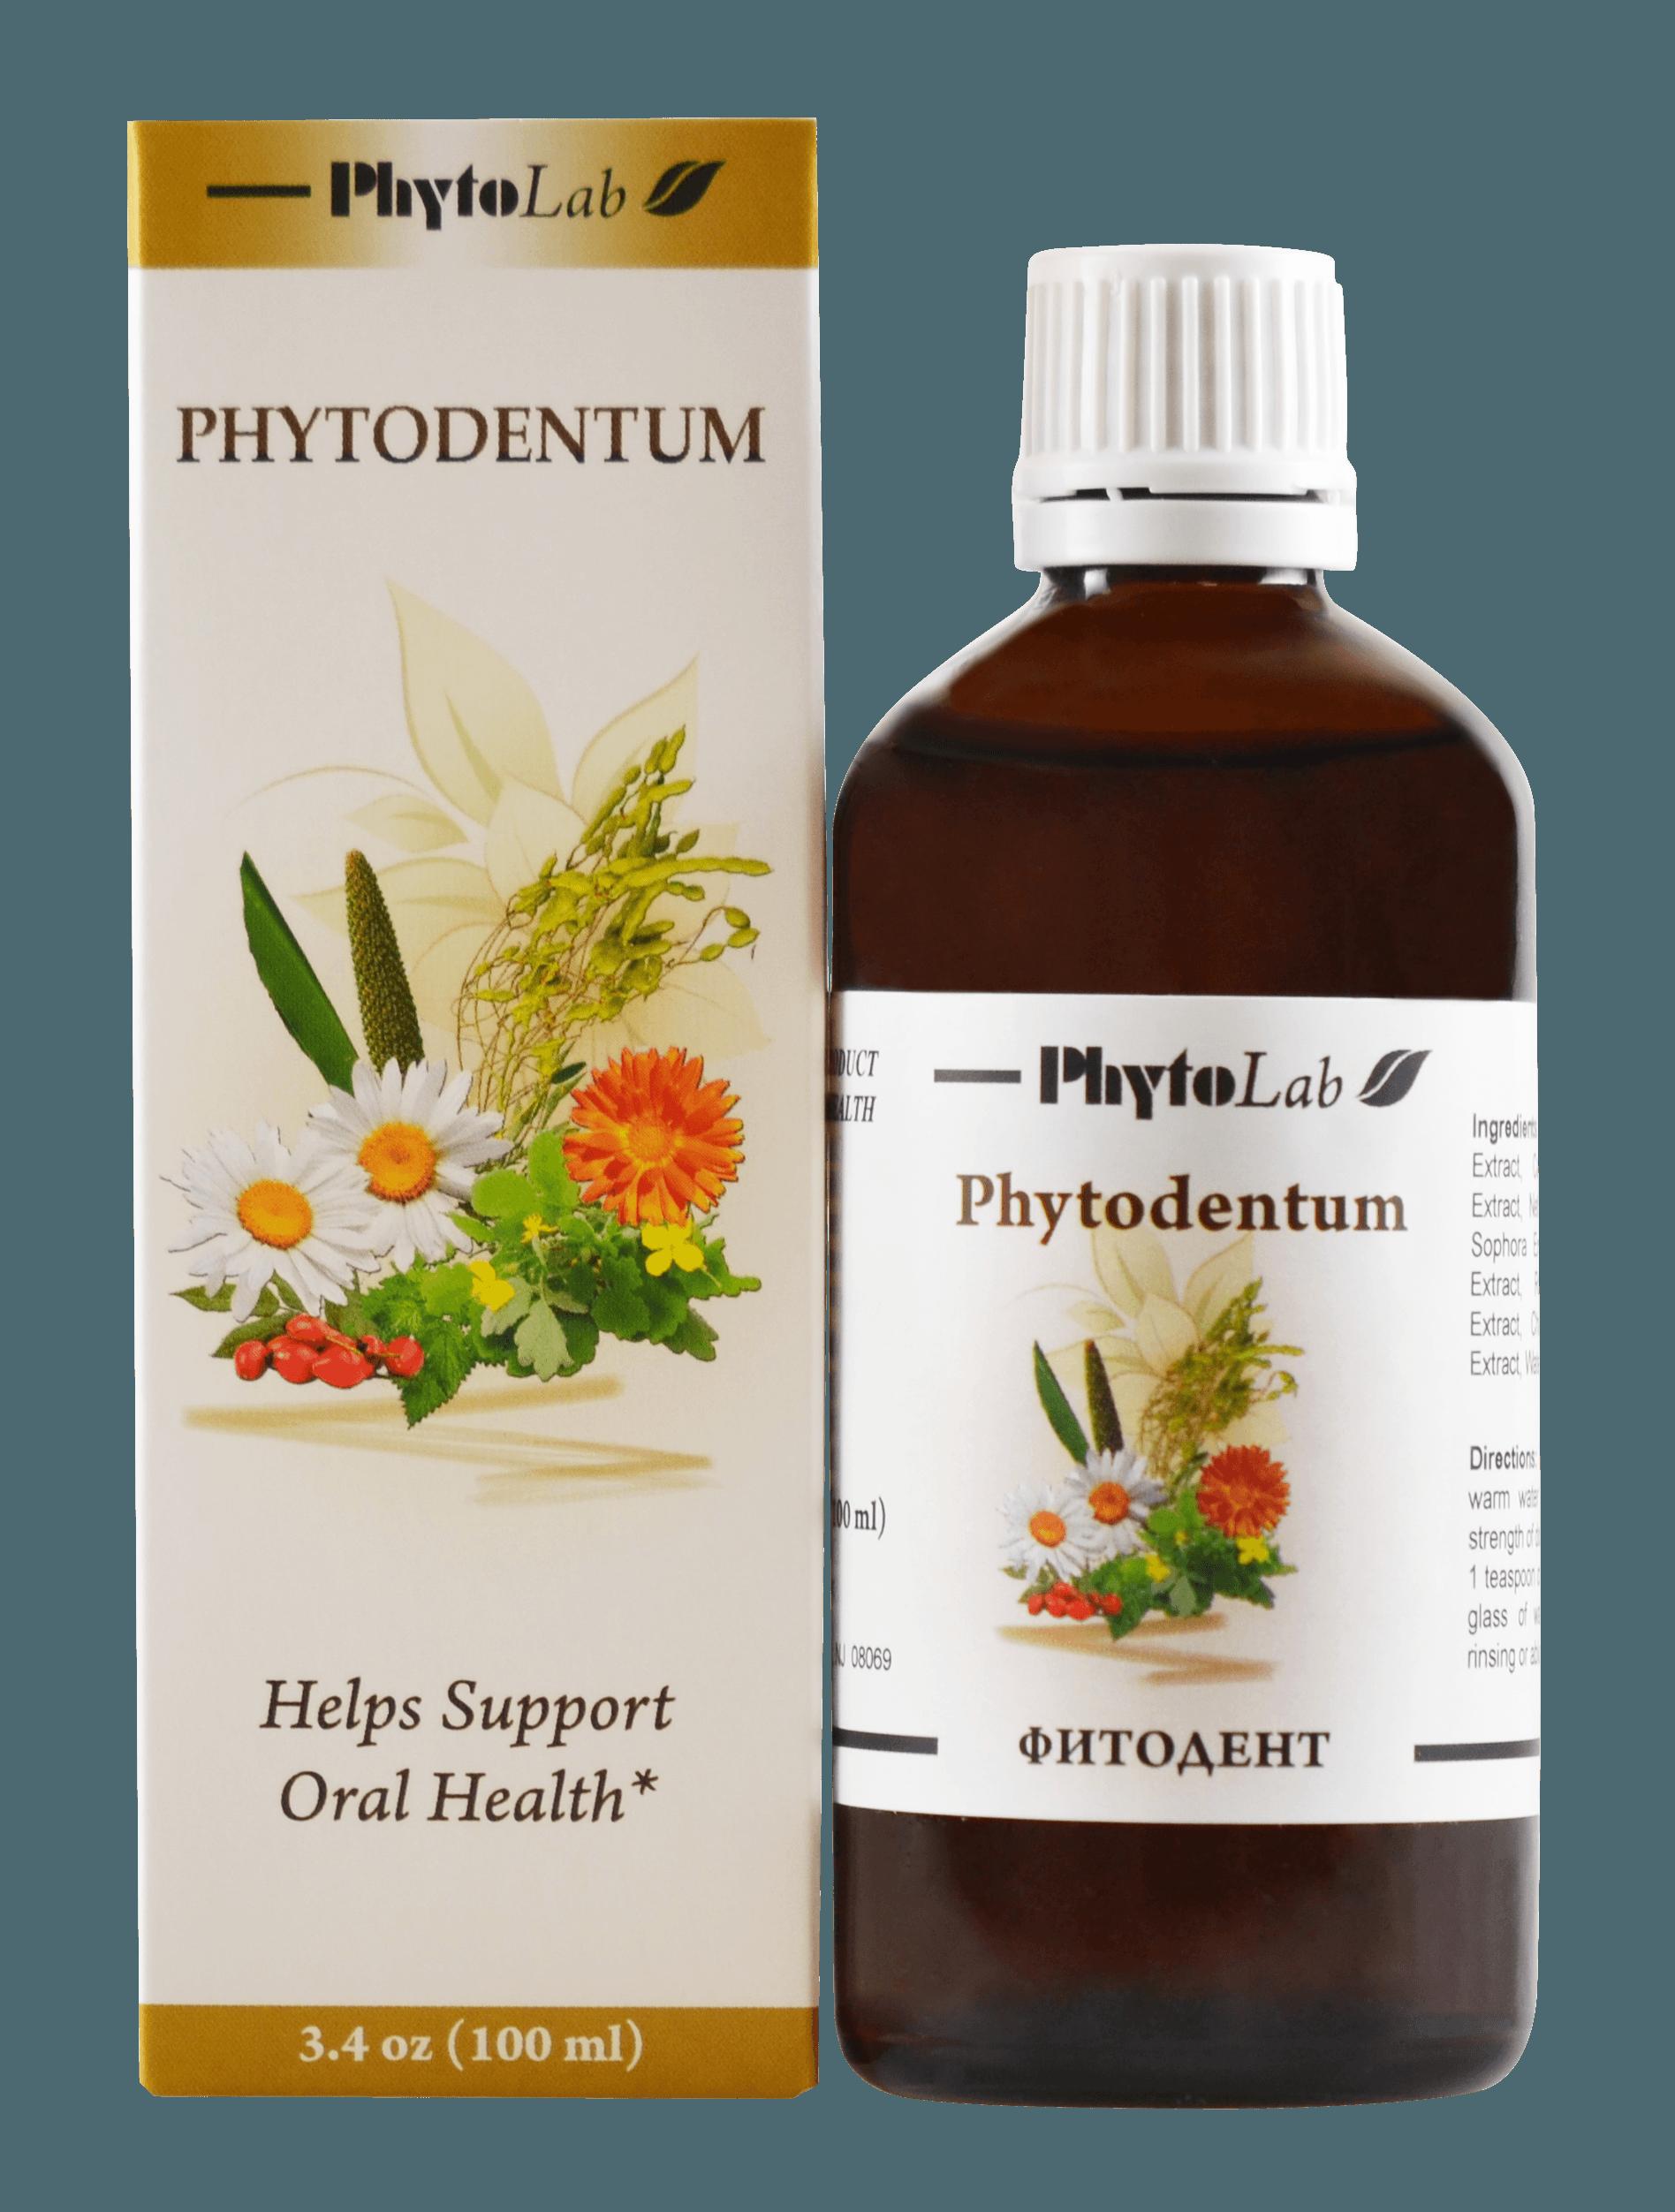 Phytodentum